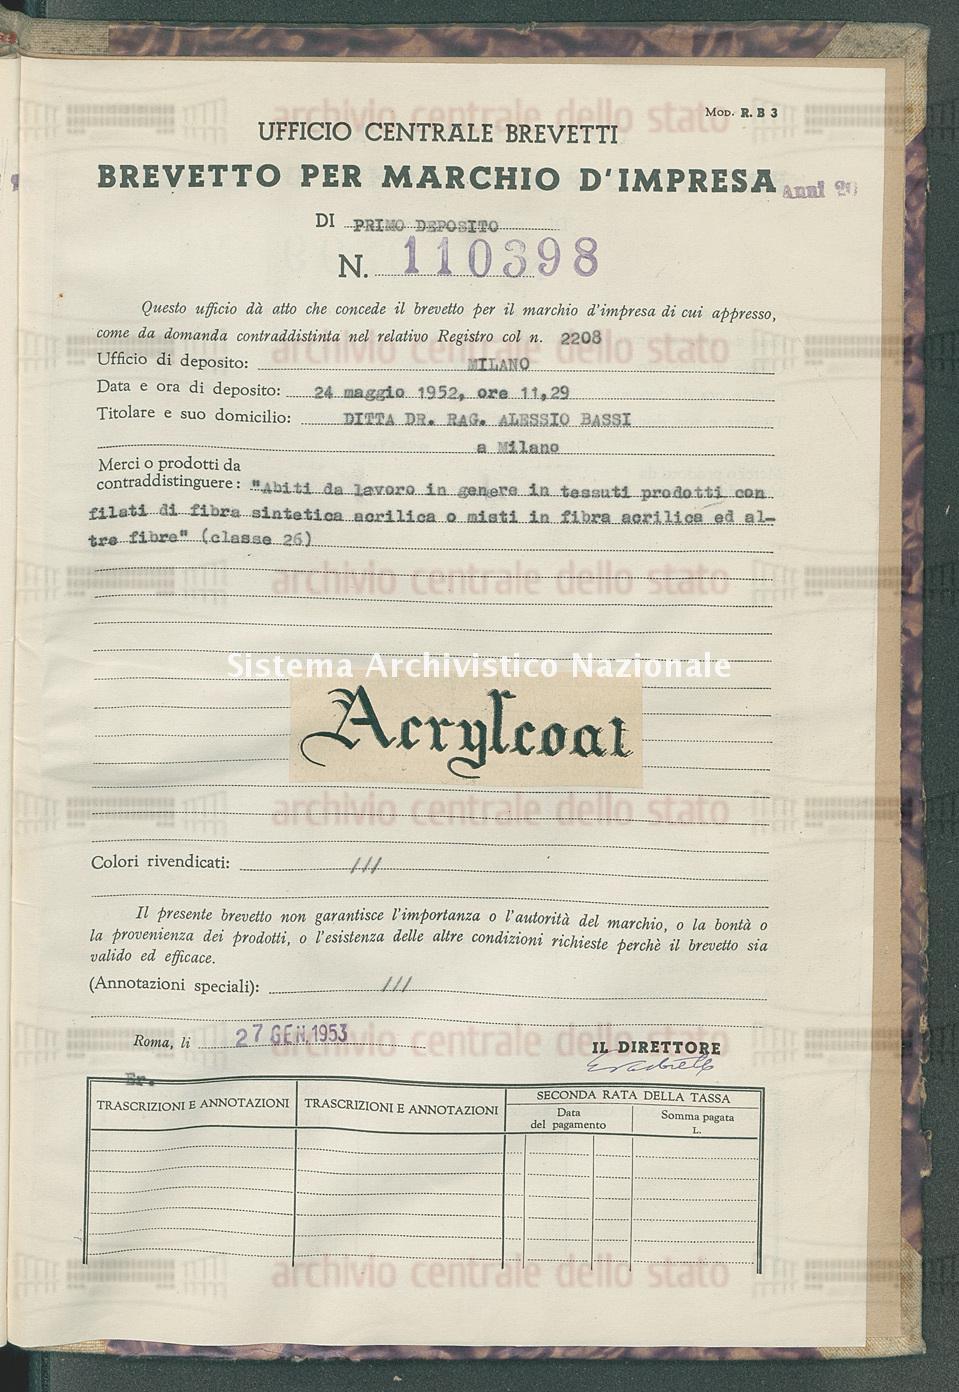 'Abiti da lavoro in genere in tessuti prodotti con filati ecc. Ditta Dr. Rag. Alessio Bassi (27/01/1953)